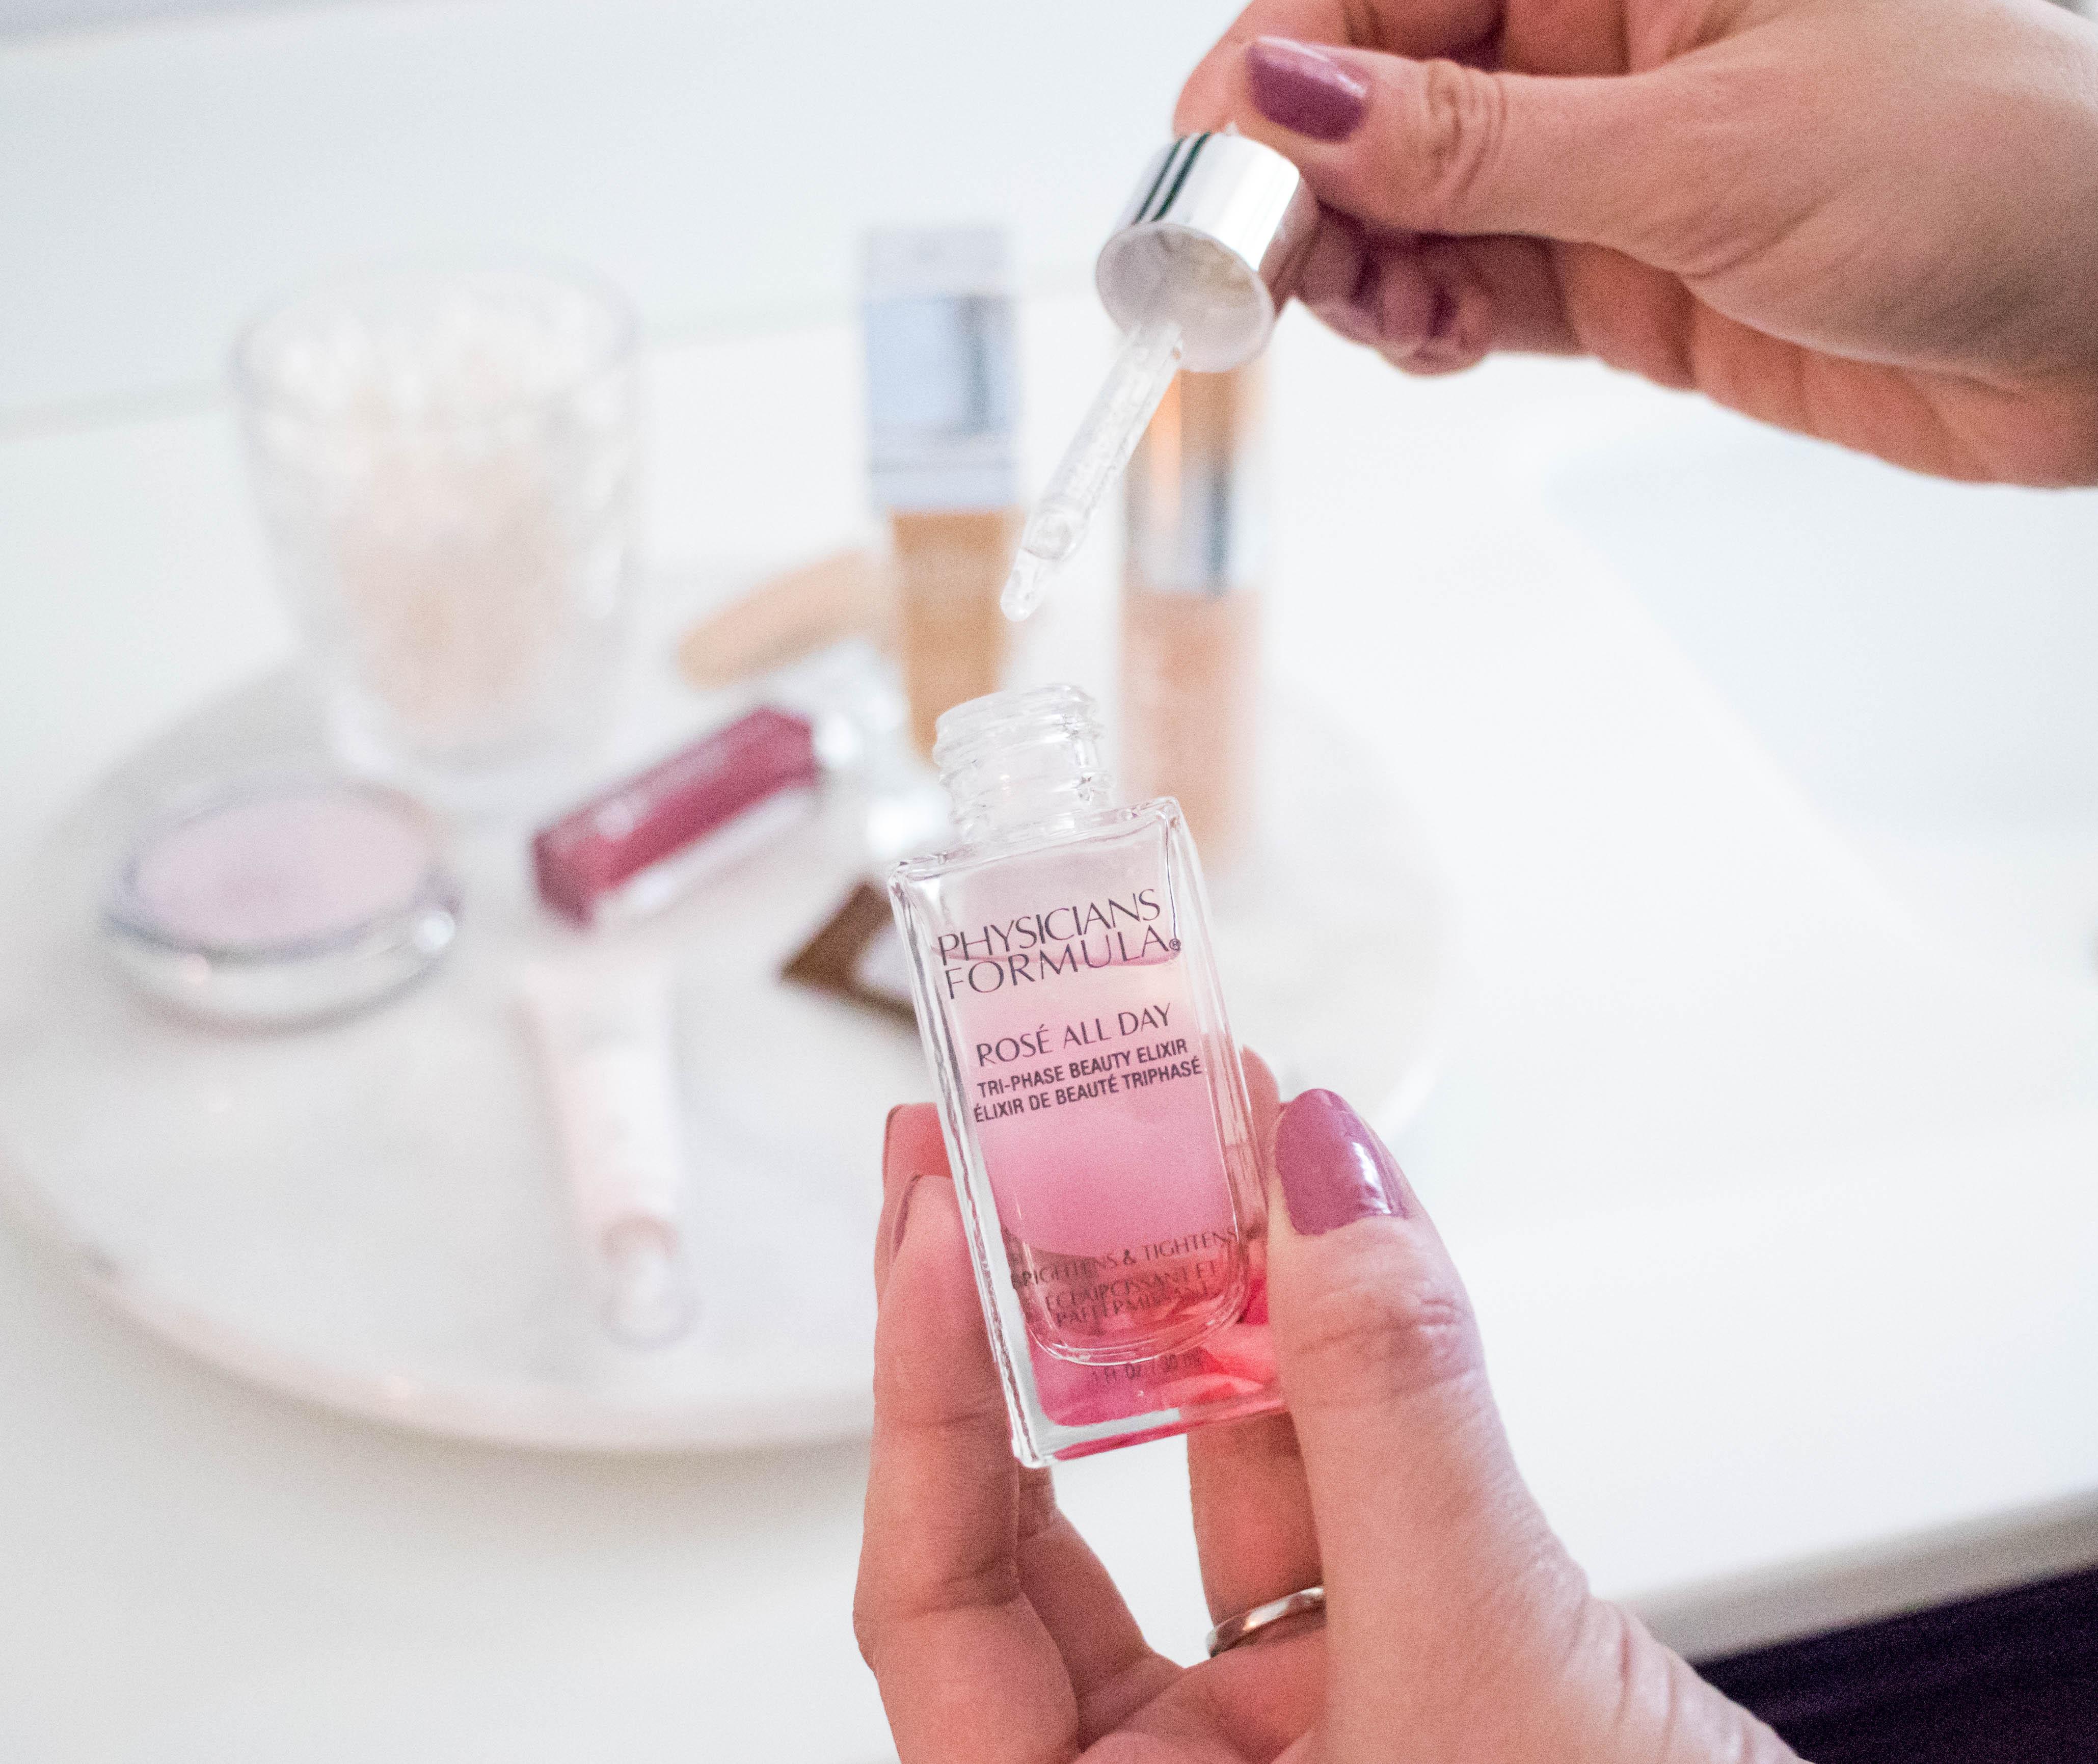 rose all day elixir physicians formula #rose #skincare #affordableskincare